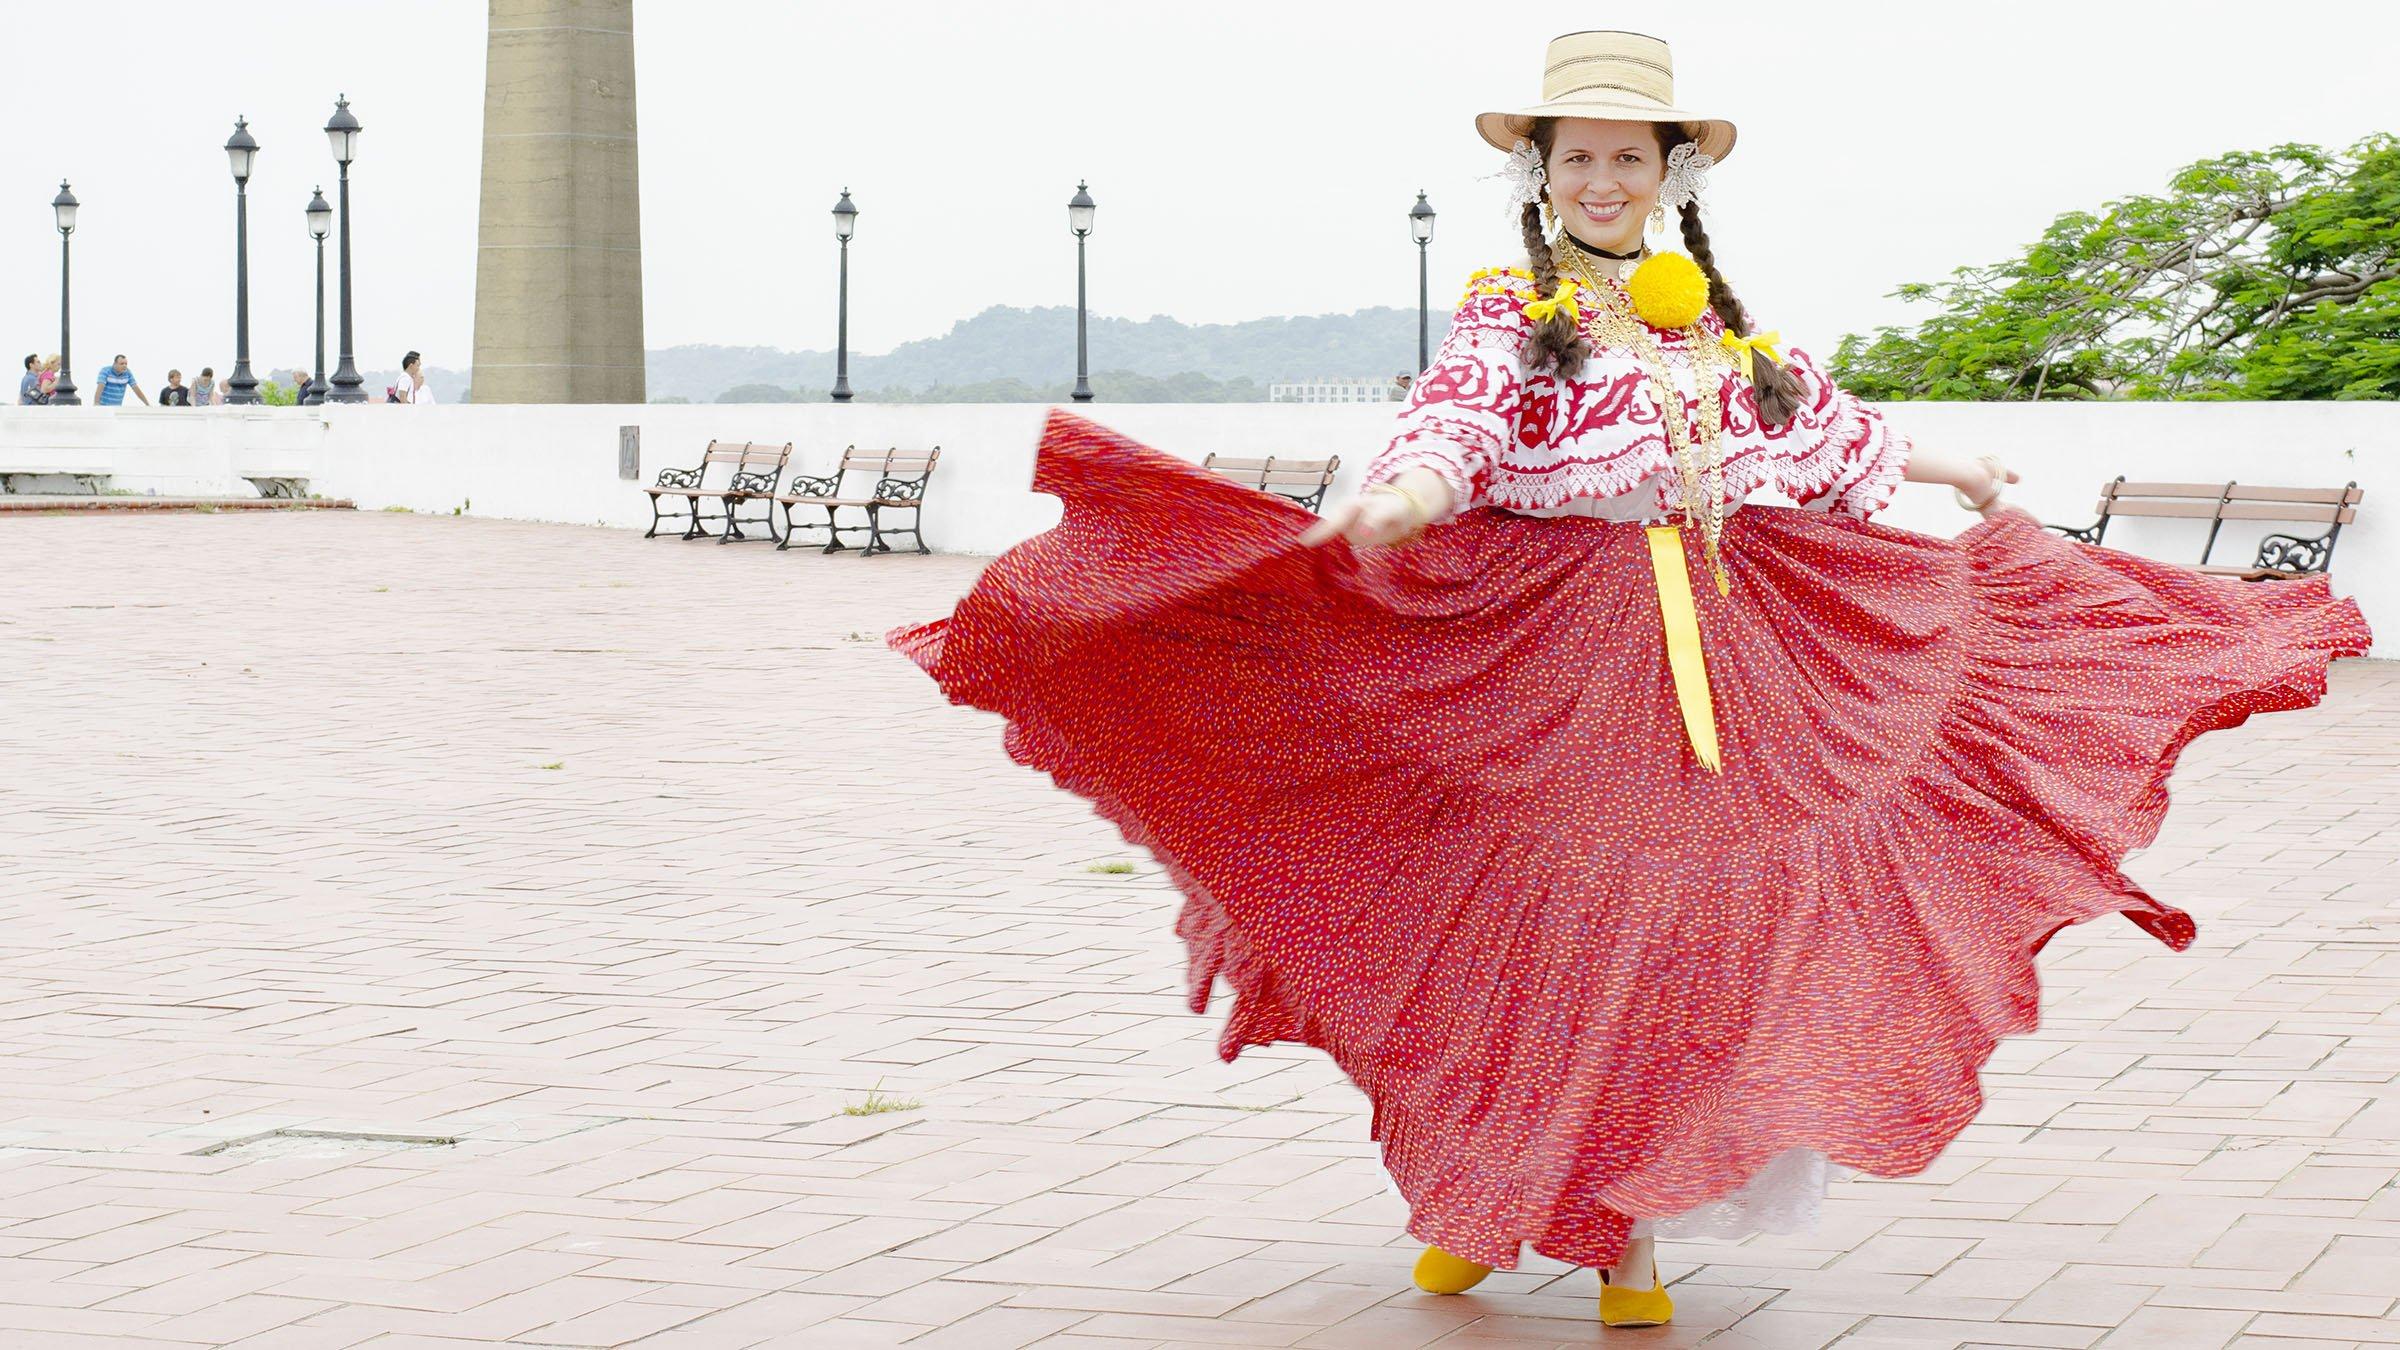 La pollera panameña: el vestido utilizado para bailar